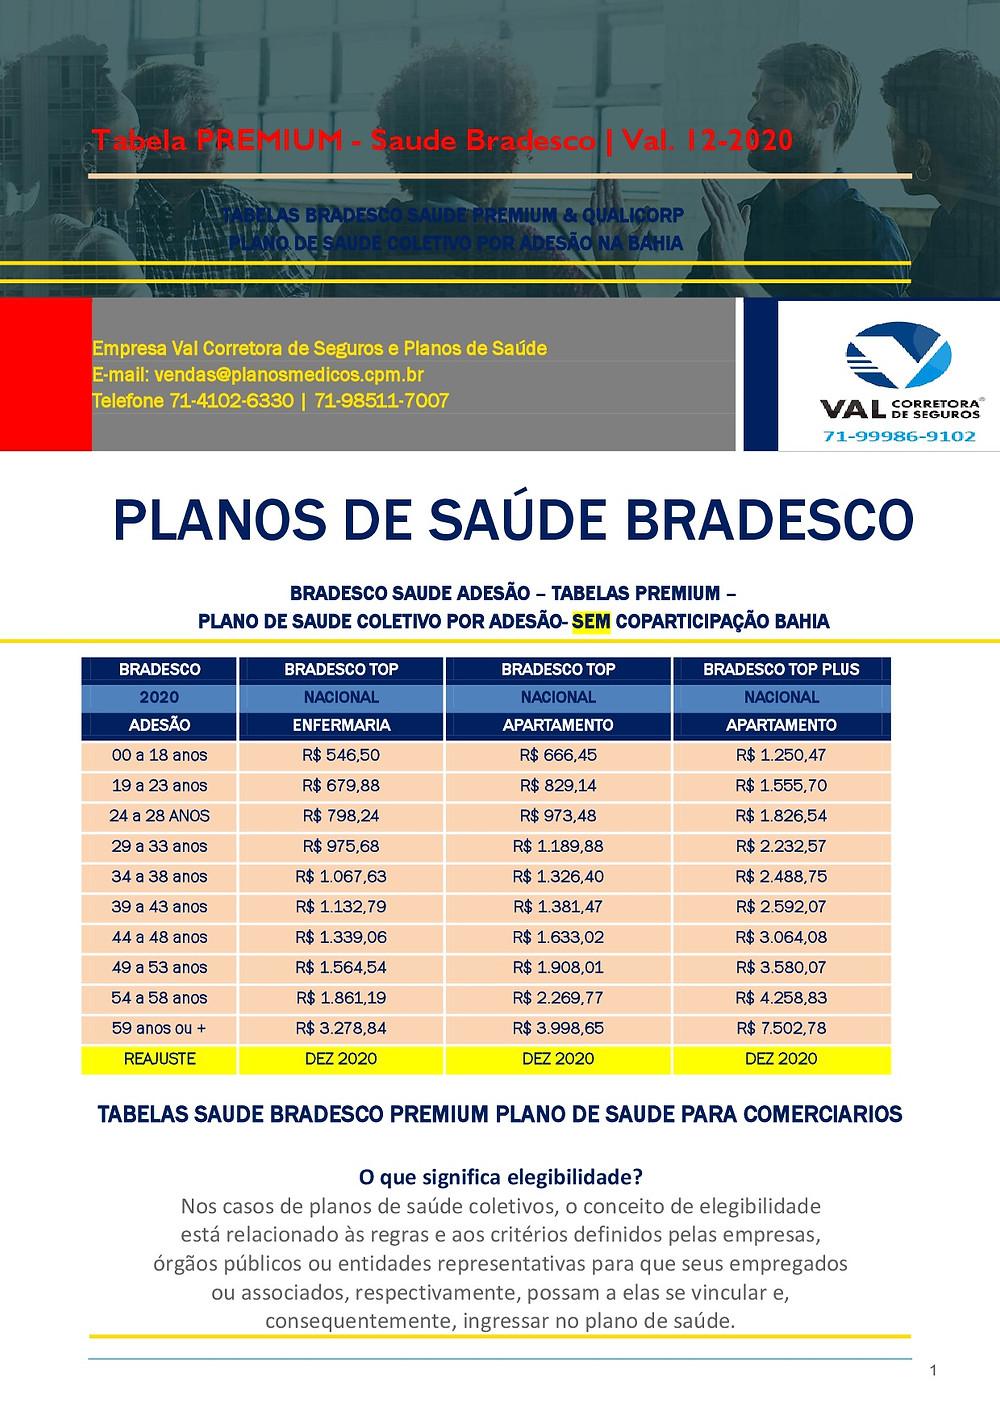 Tabelas de Preços - Planos de Saude BA